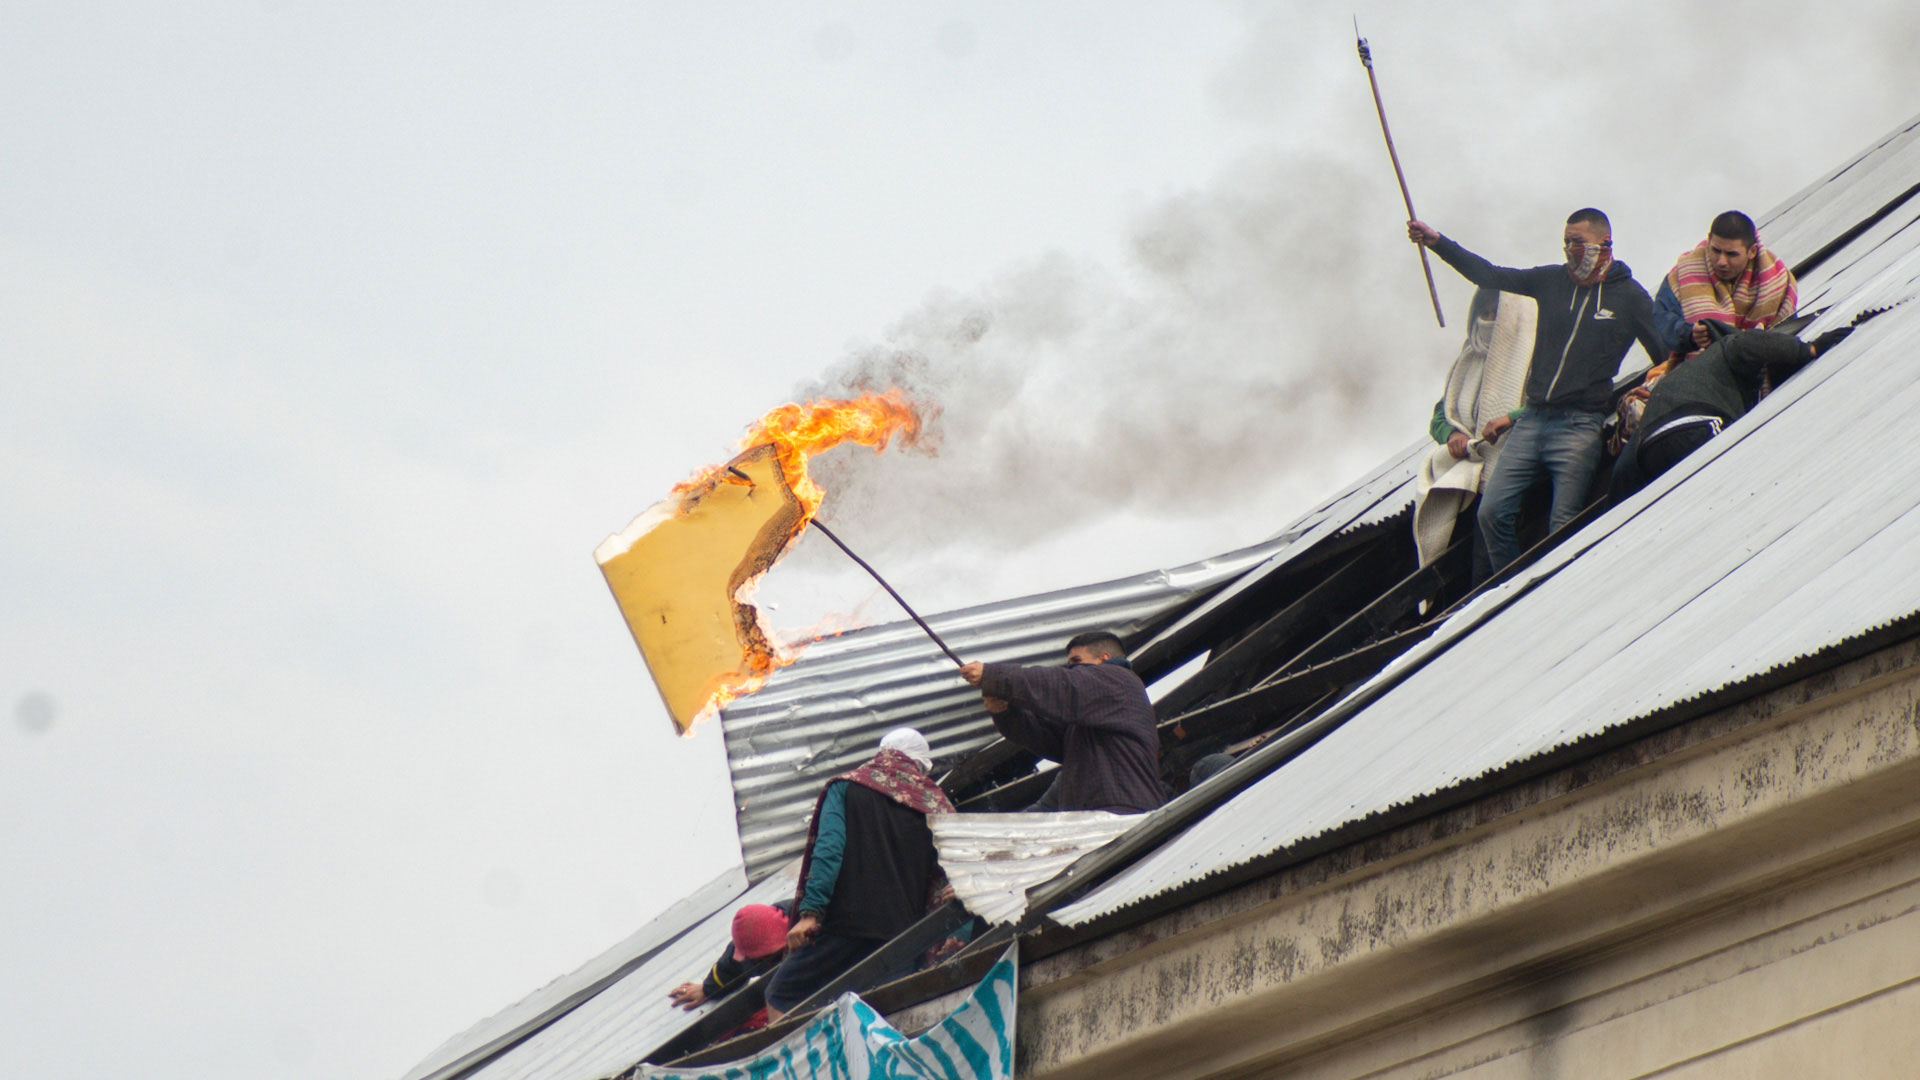 Fuego: un pedazo de colchón se incendia. Hubo también incendios en otros pabellones, algo que podría ocasionar muertes por asfixia.